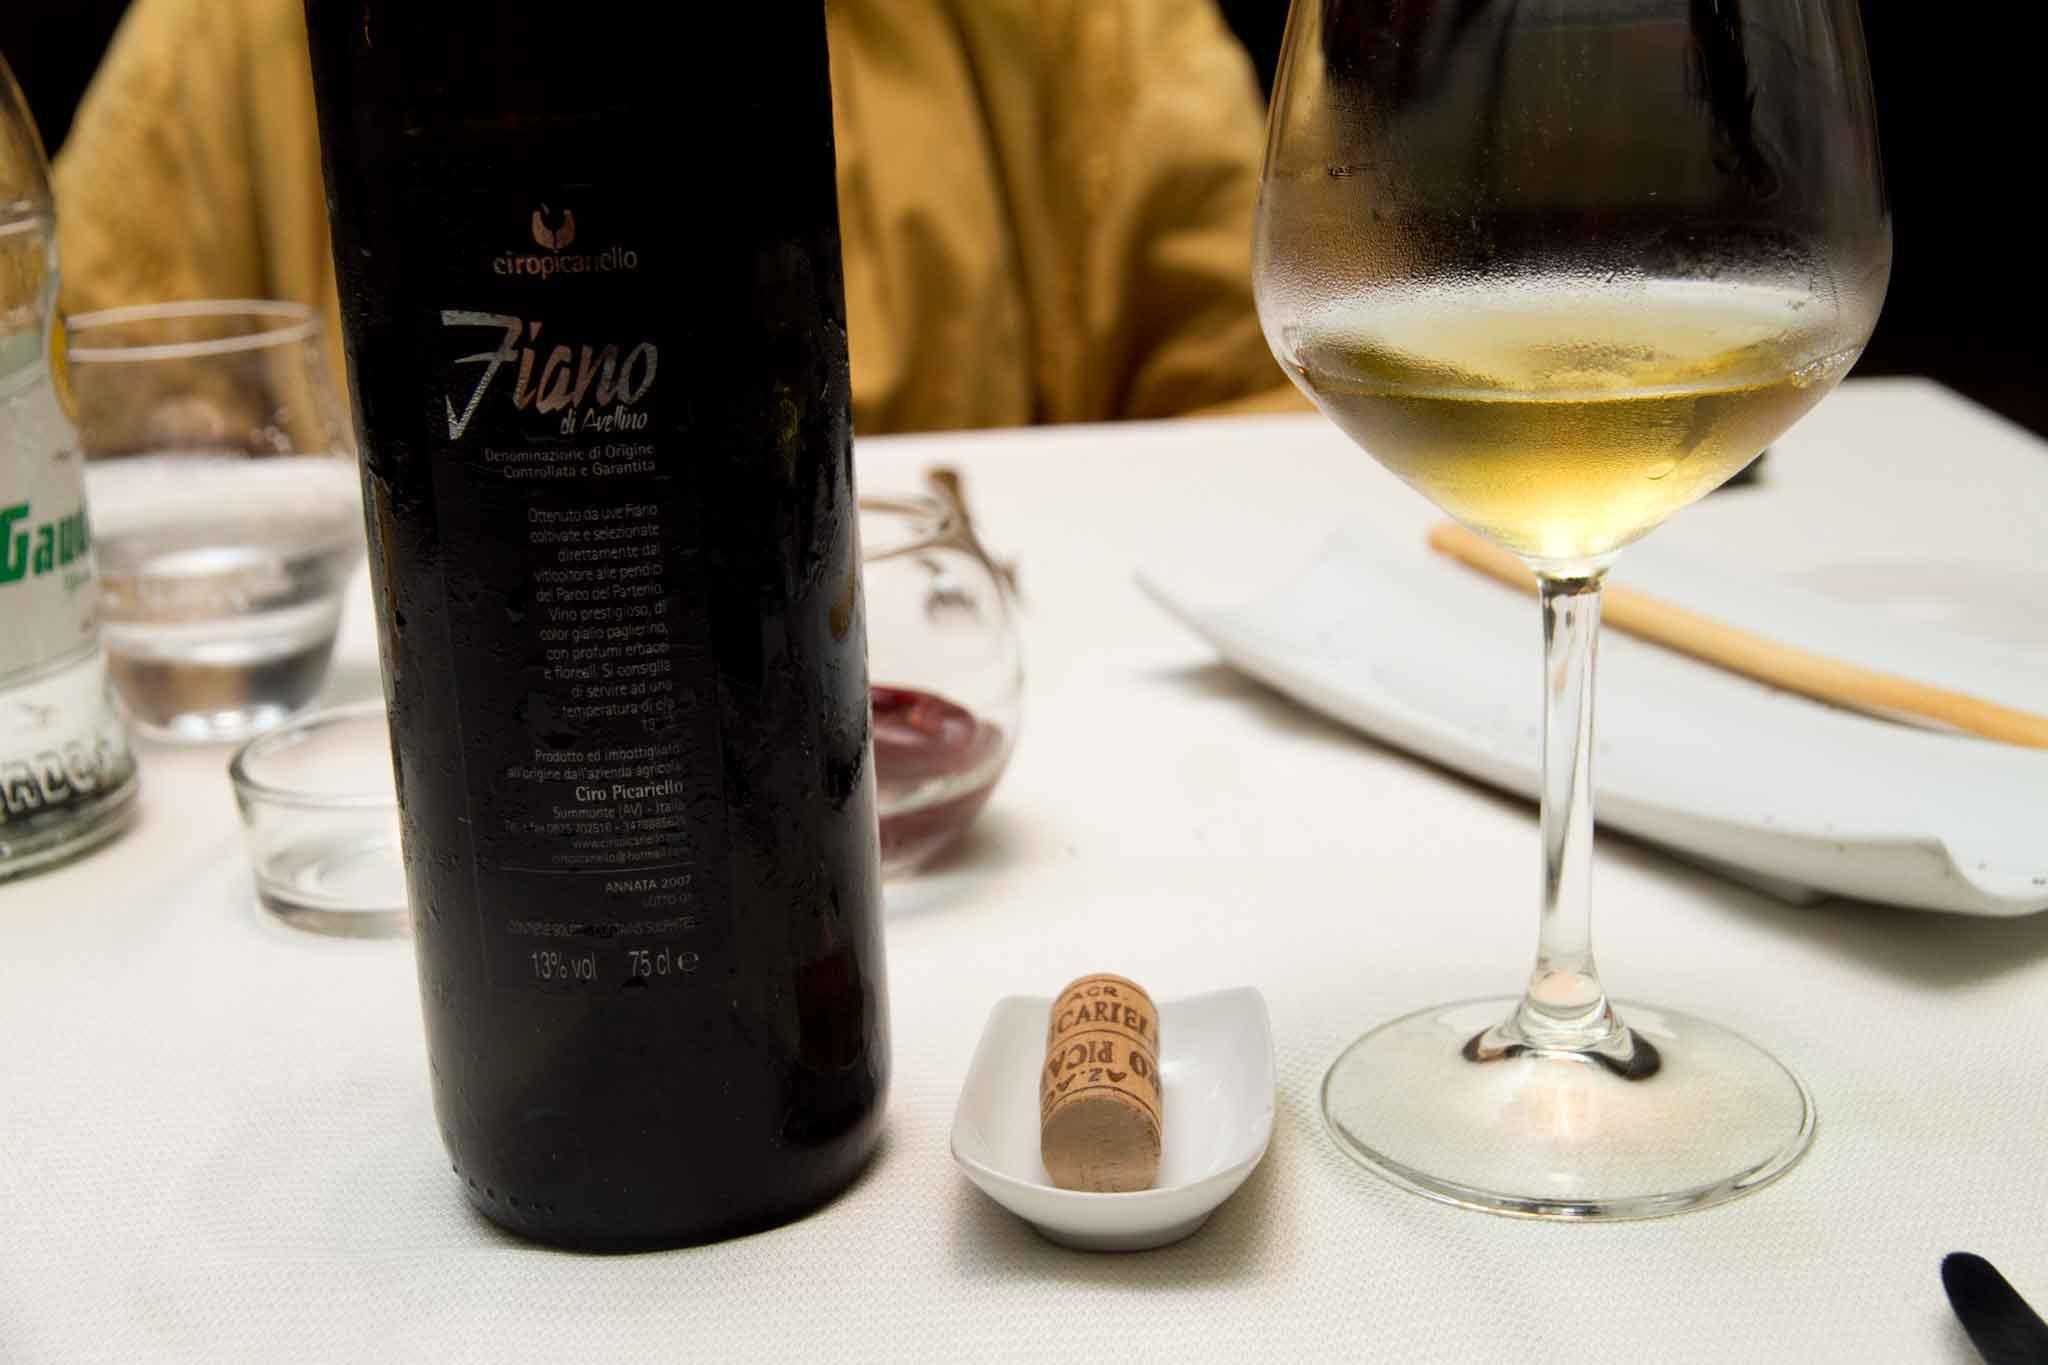 Picariello Fiano 2007